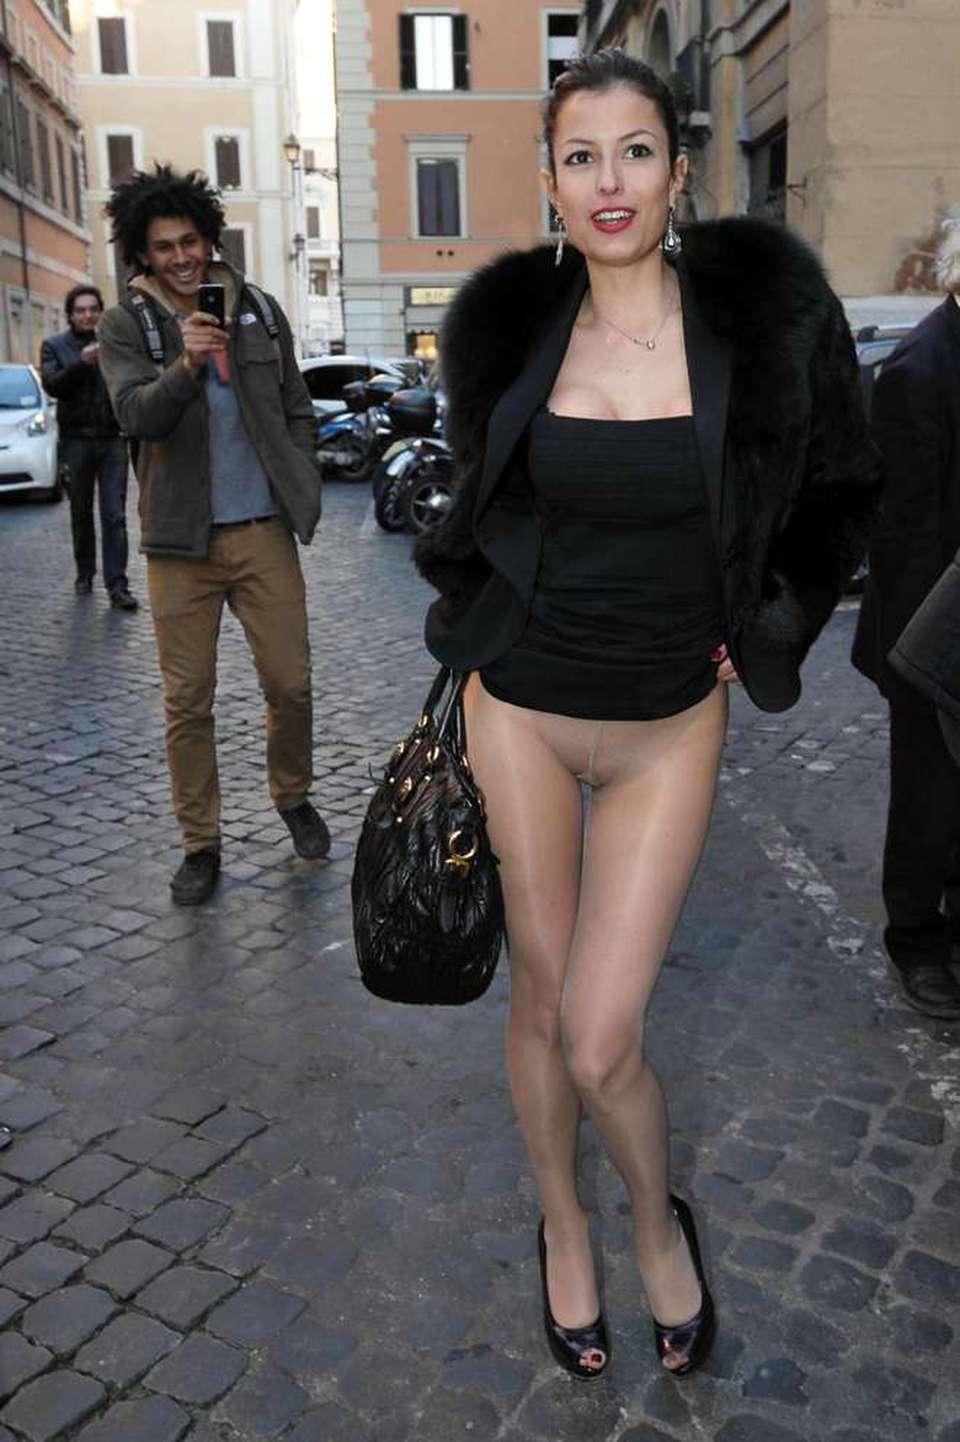 Sara Tommasi Nuda Per Scilipoti Convegno E Spogliarello In Strada